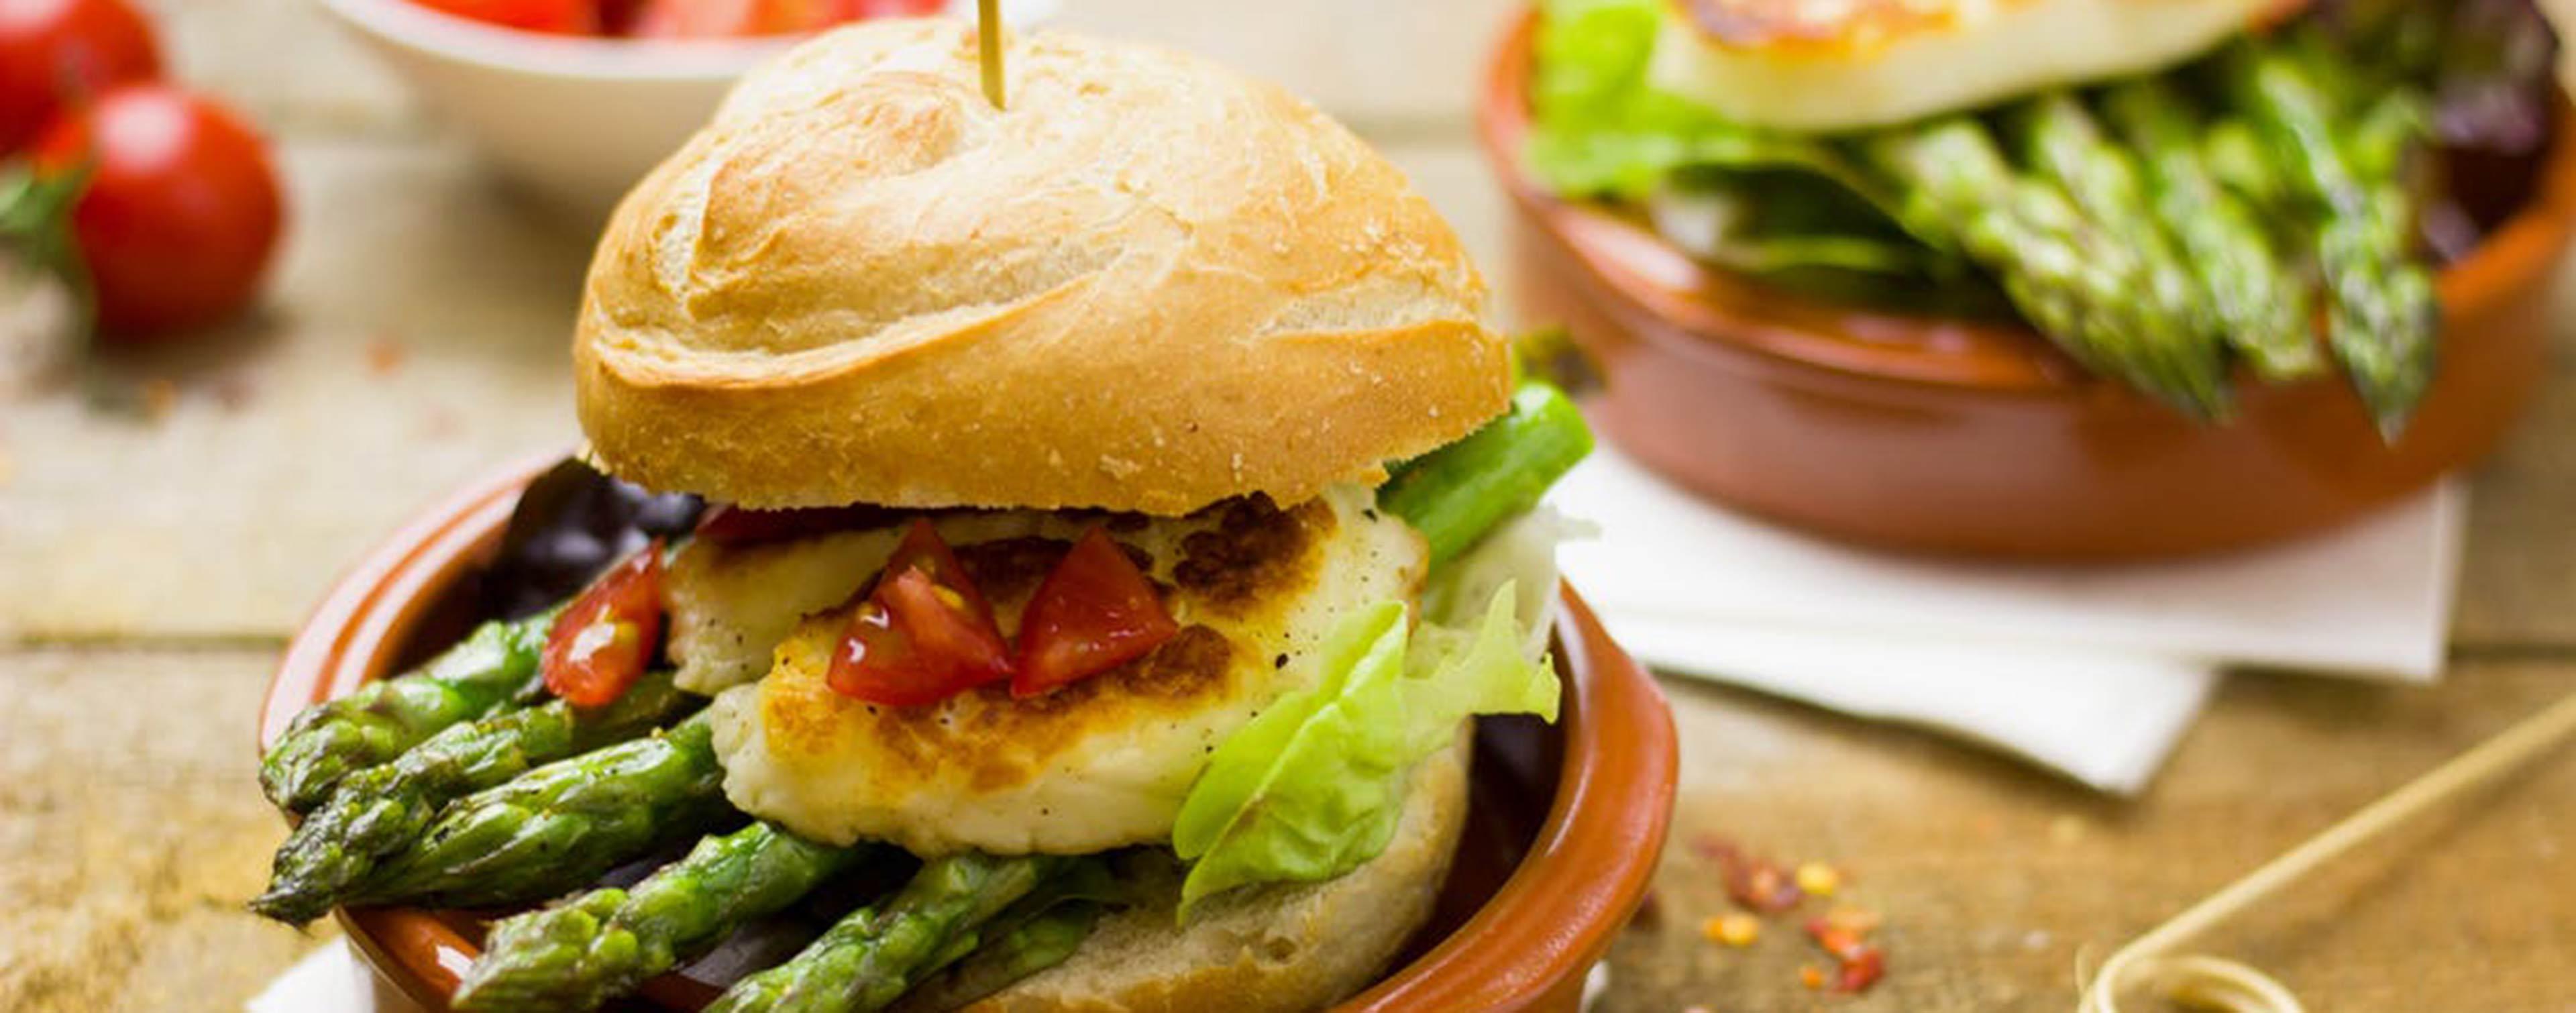 Vegetarischer Burger mit Spargel und Halloumi